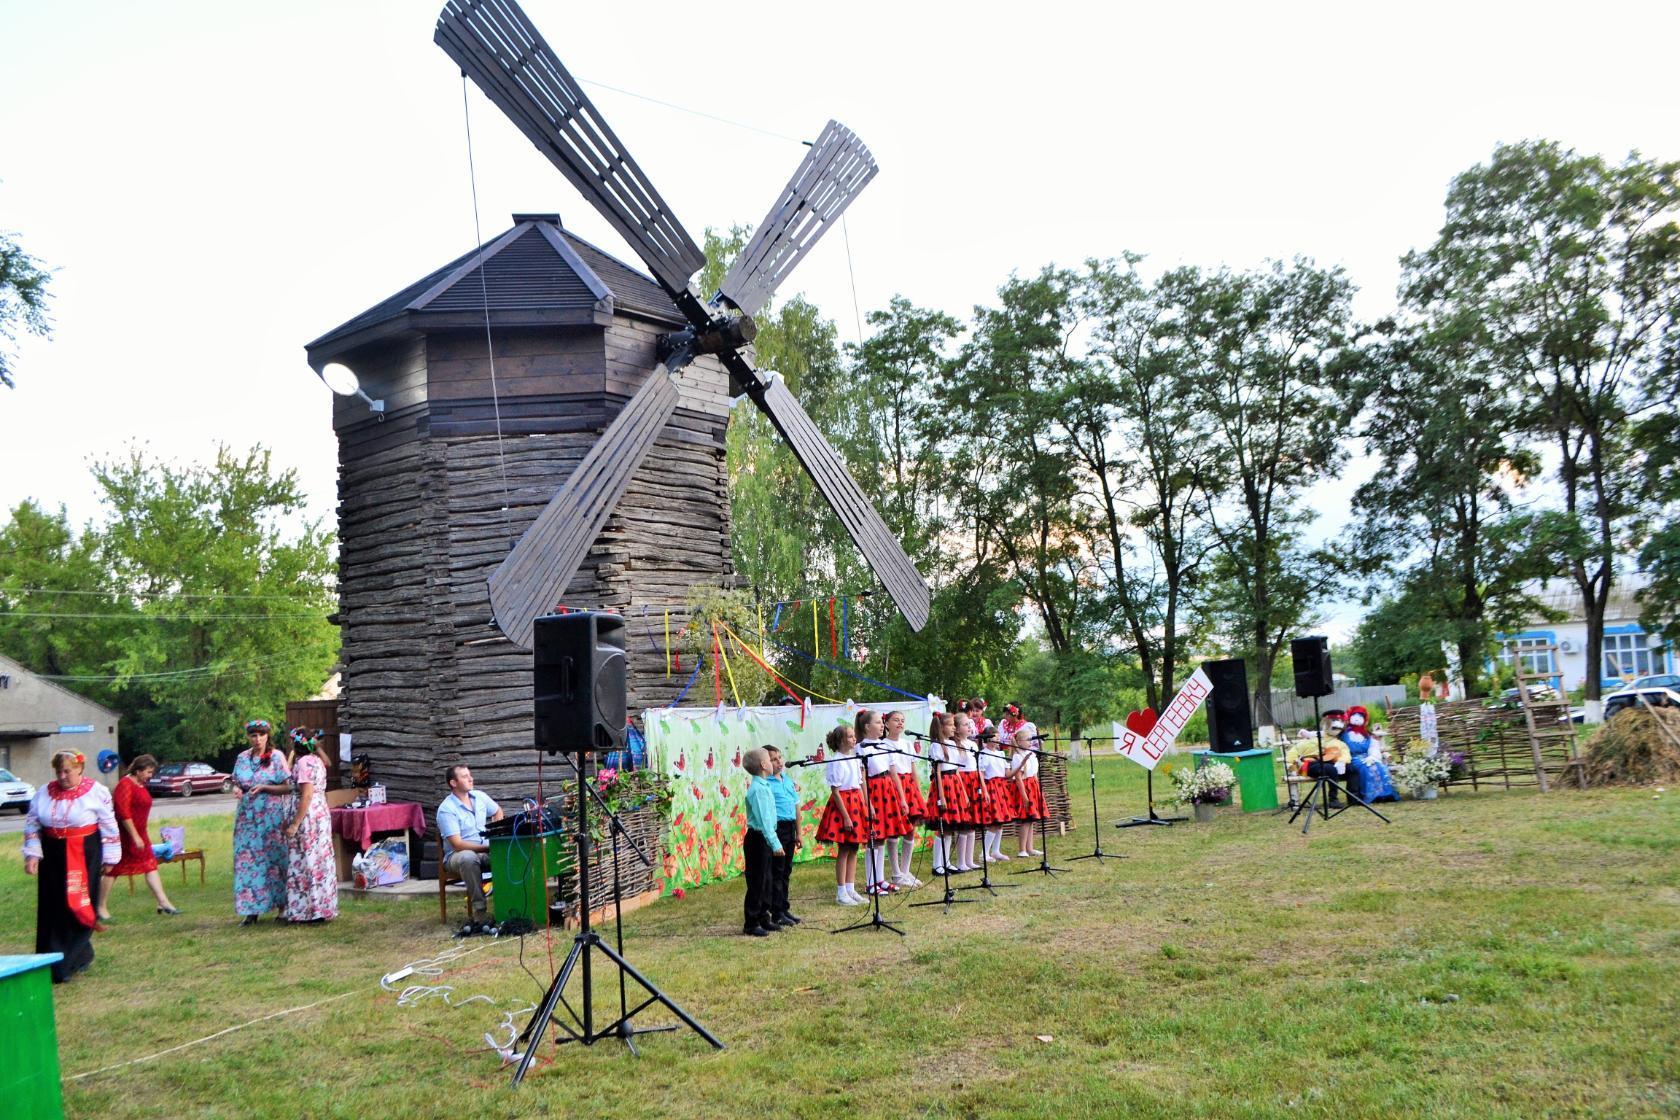 Место, где установлена ветряная мельница теперь место отдыха и проведения мероприятий.jpg